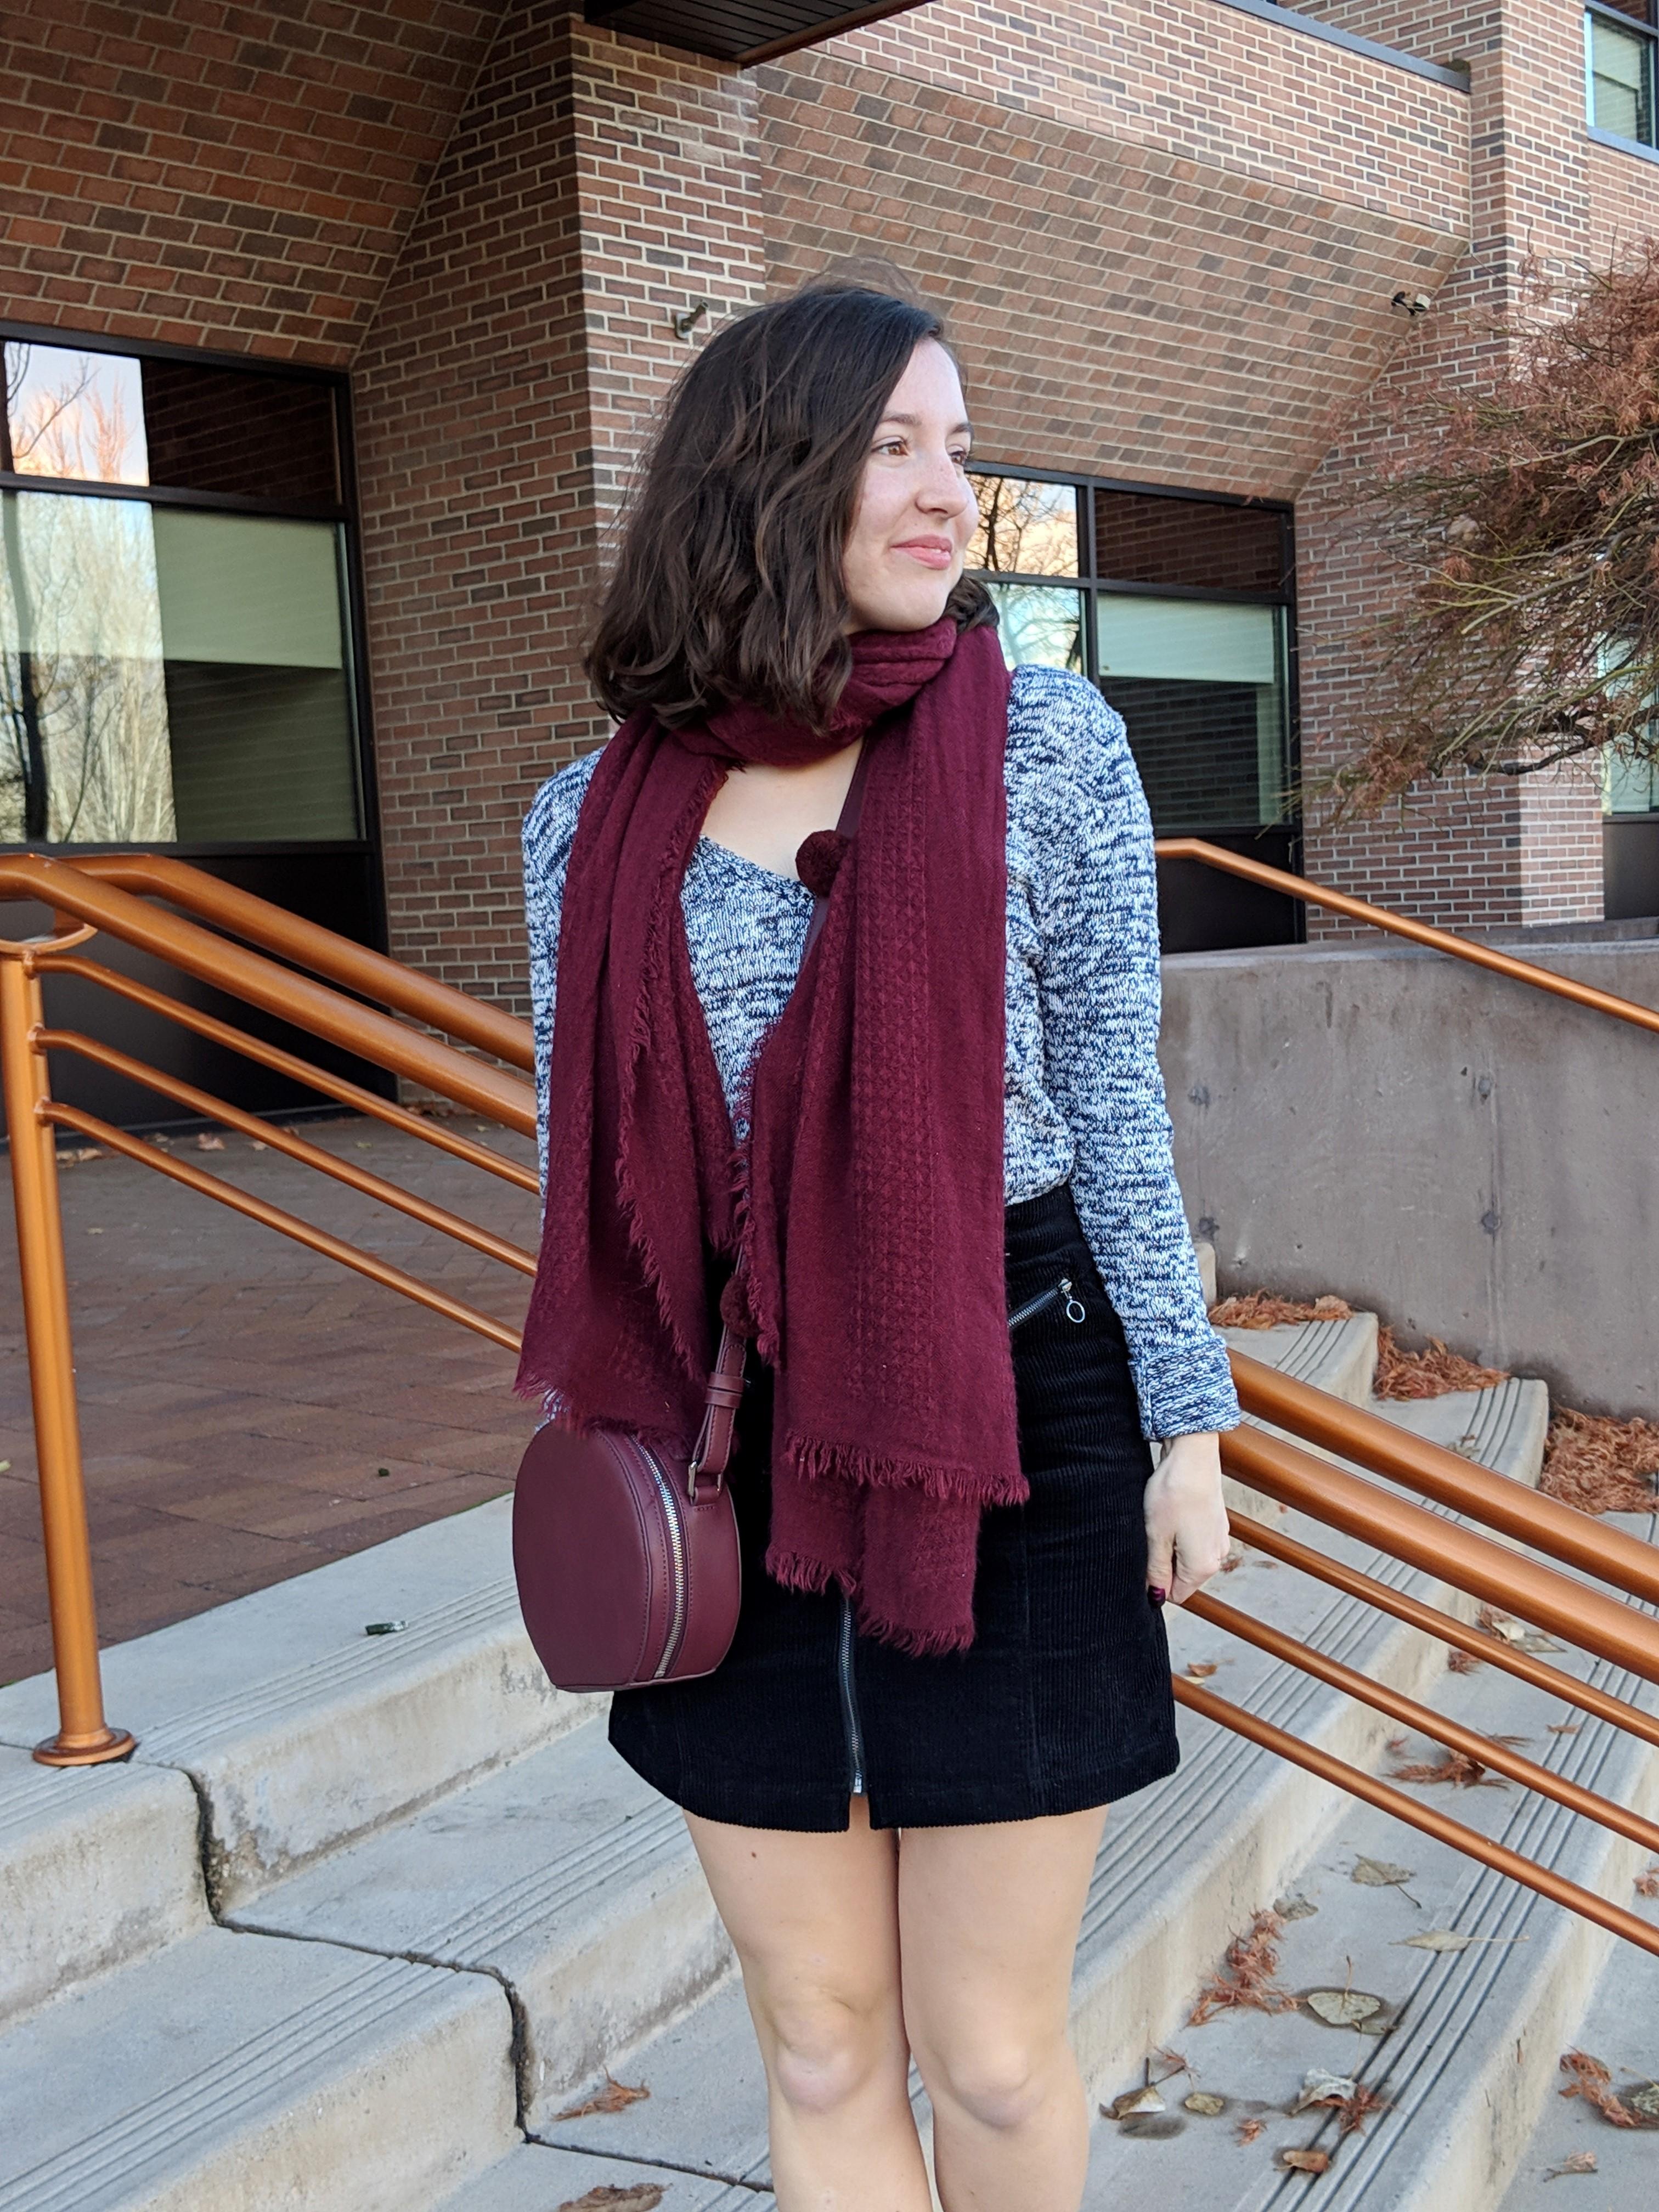 stylish circle purse and zip front mini skirt